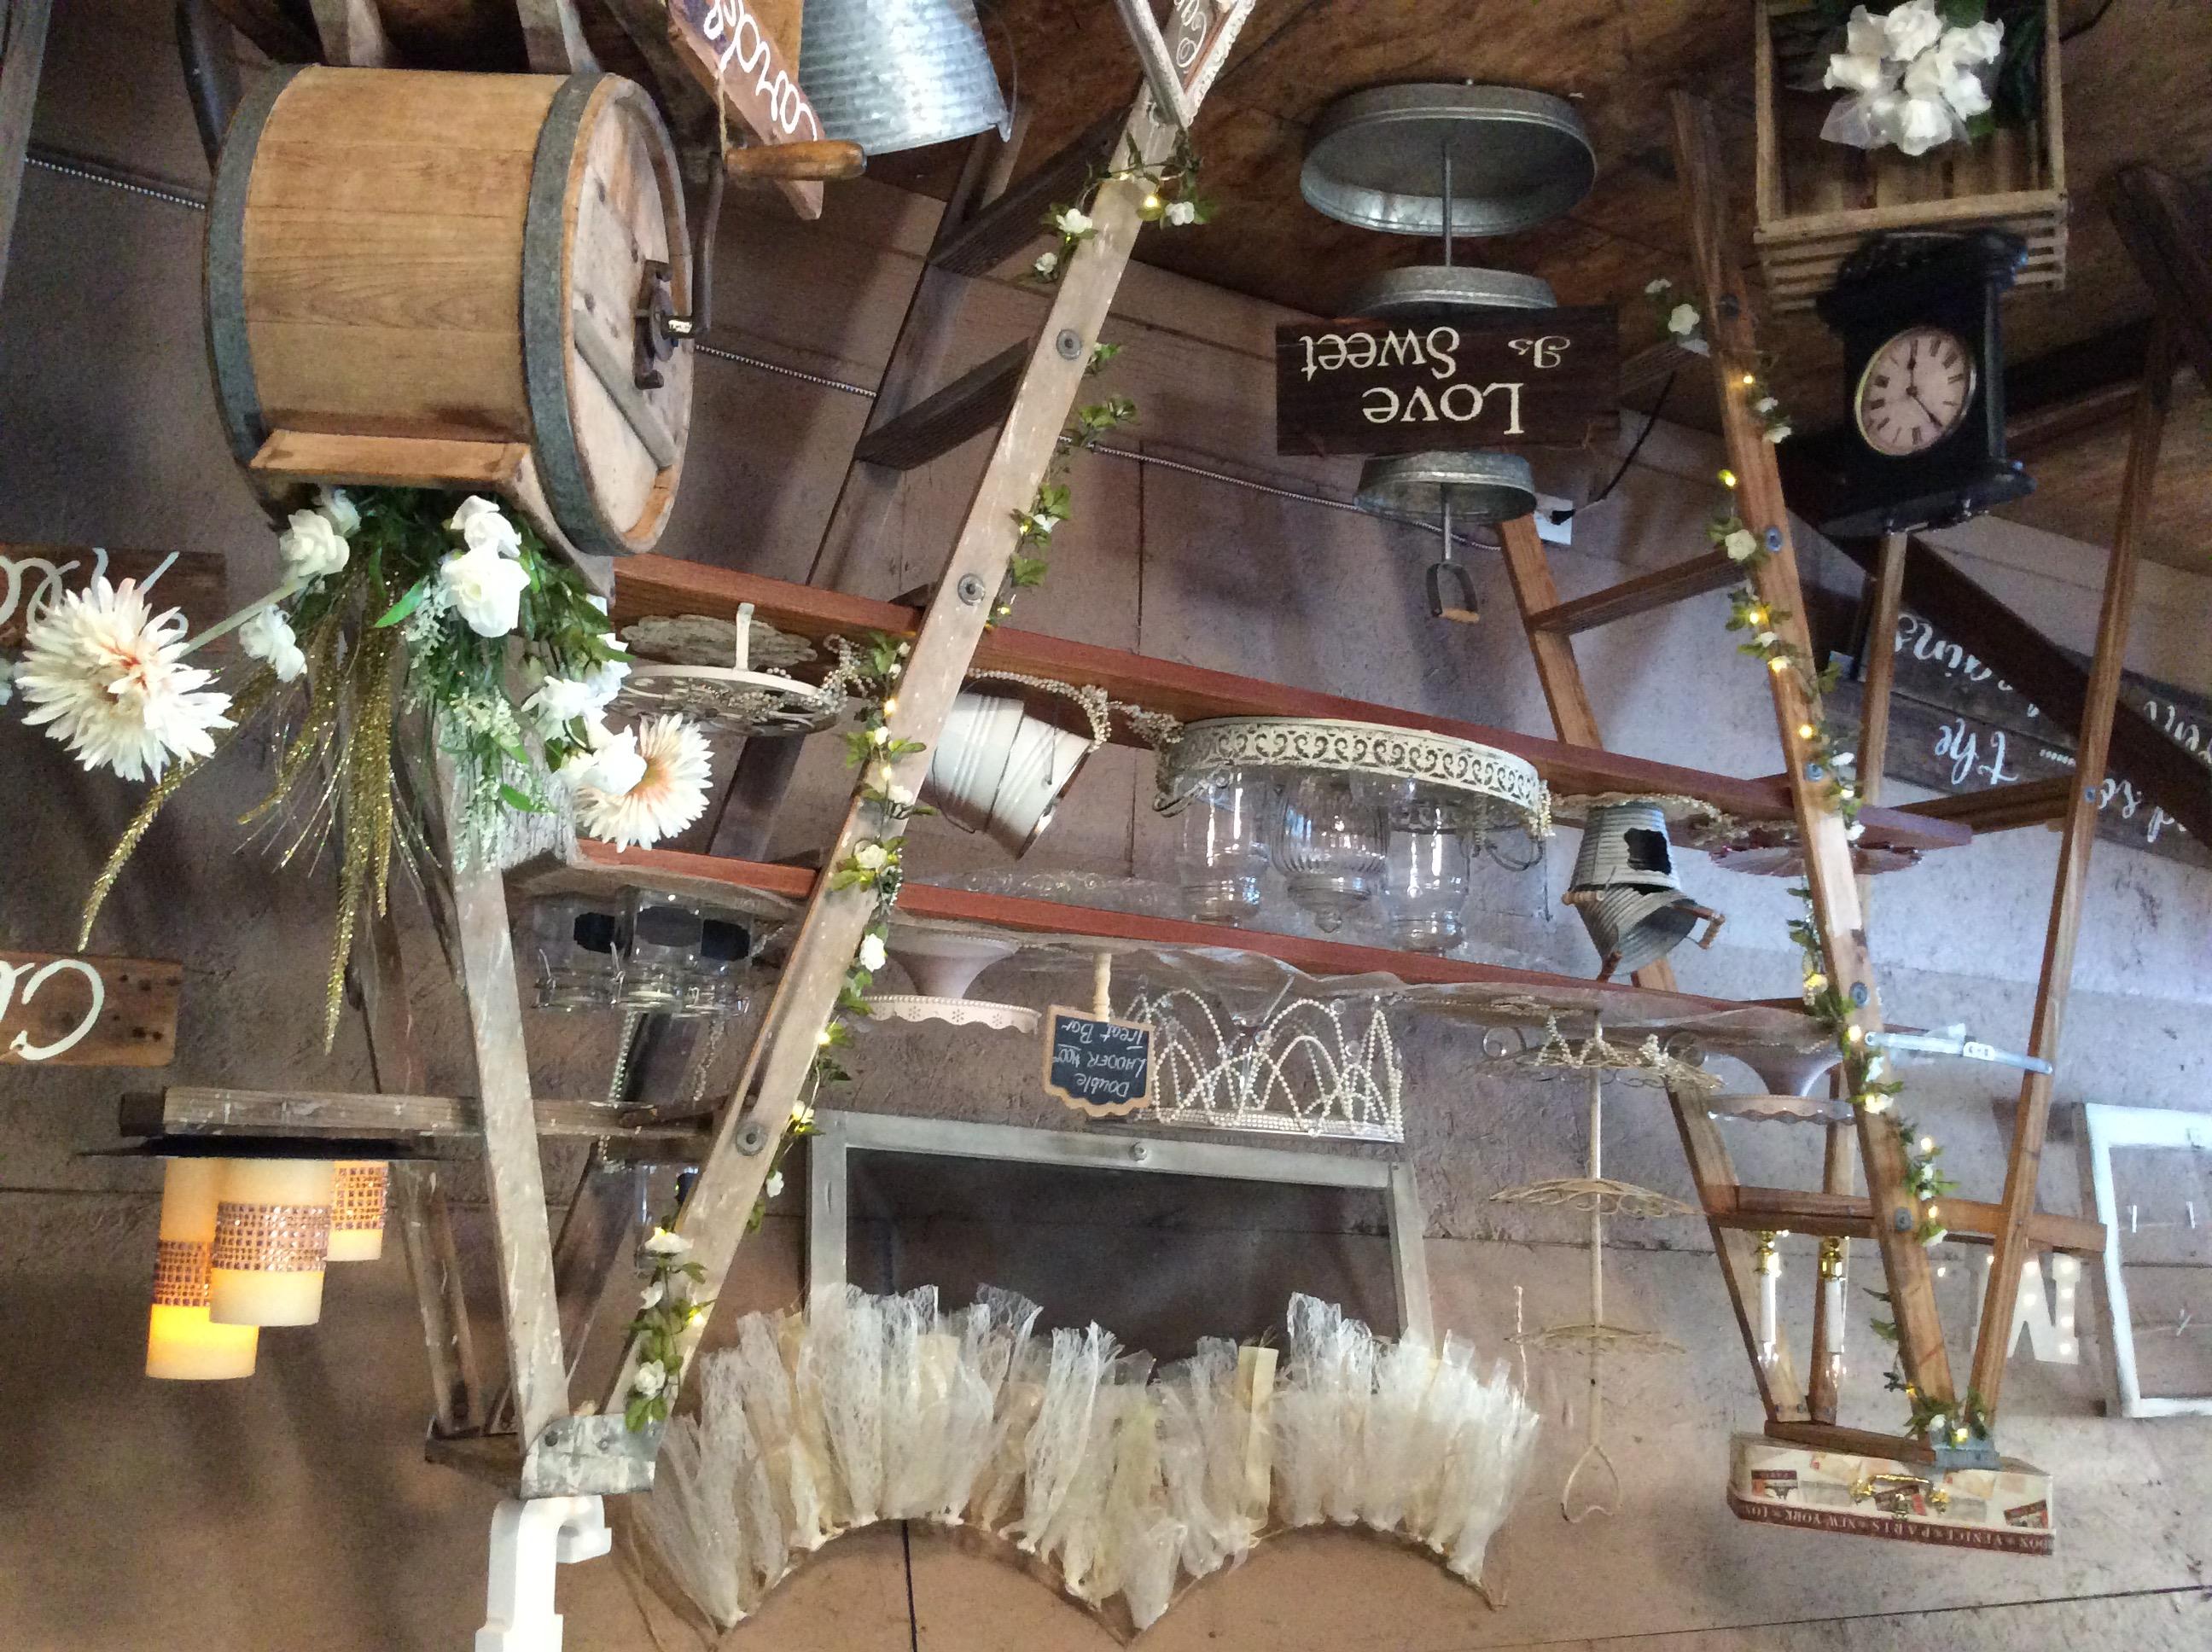 Ladders & butter churn